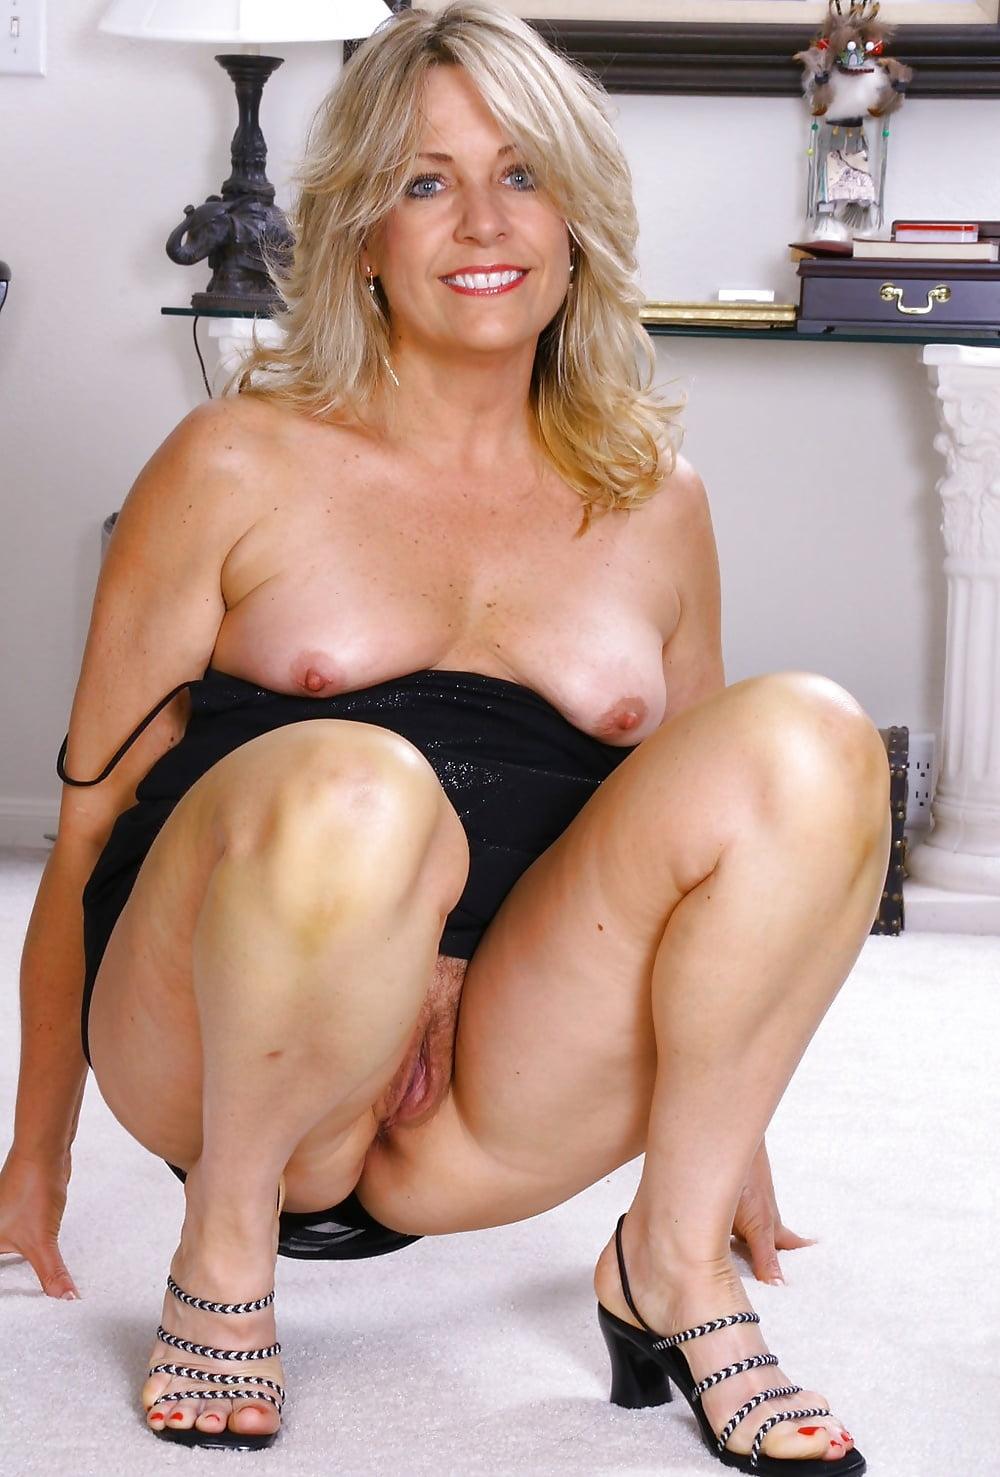 Playimg leah mature nude giant dildo ass